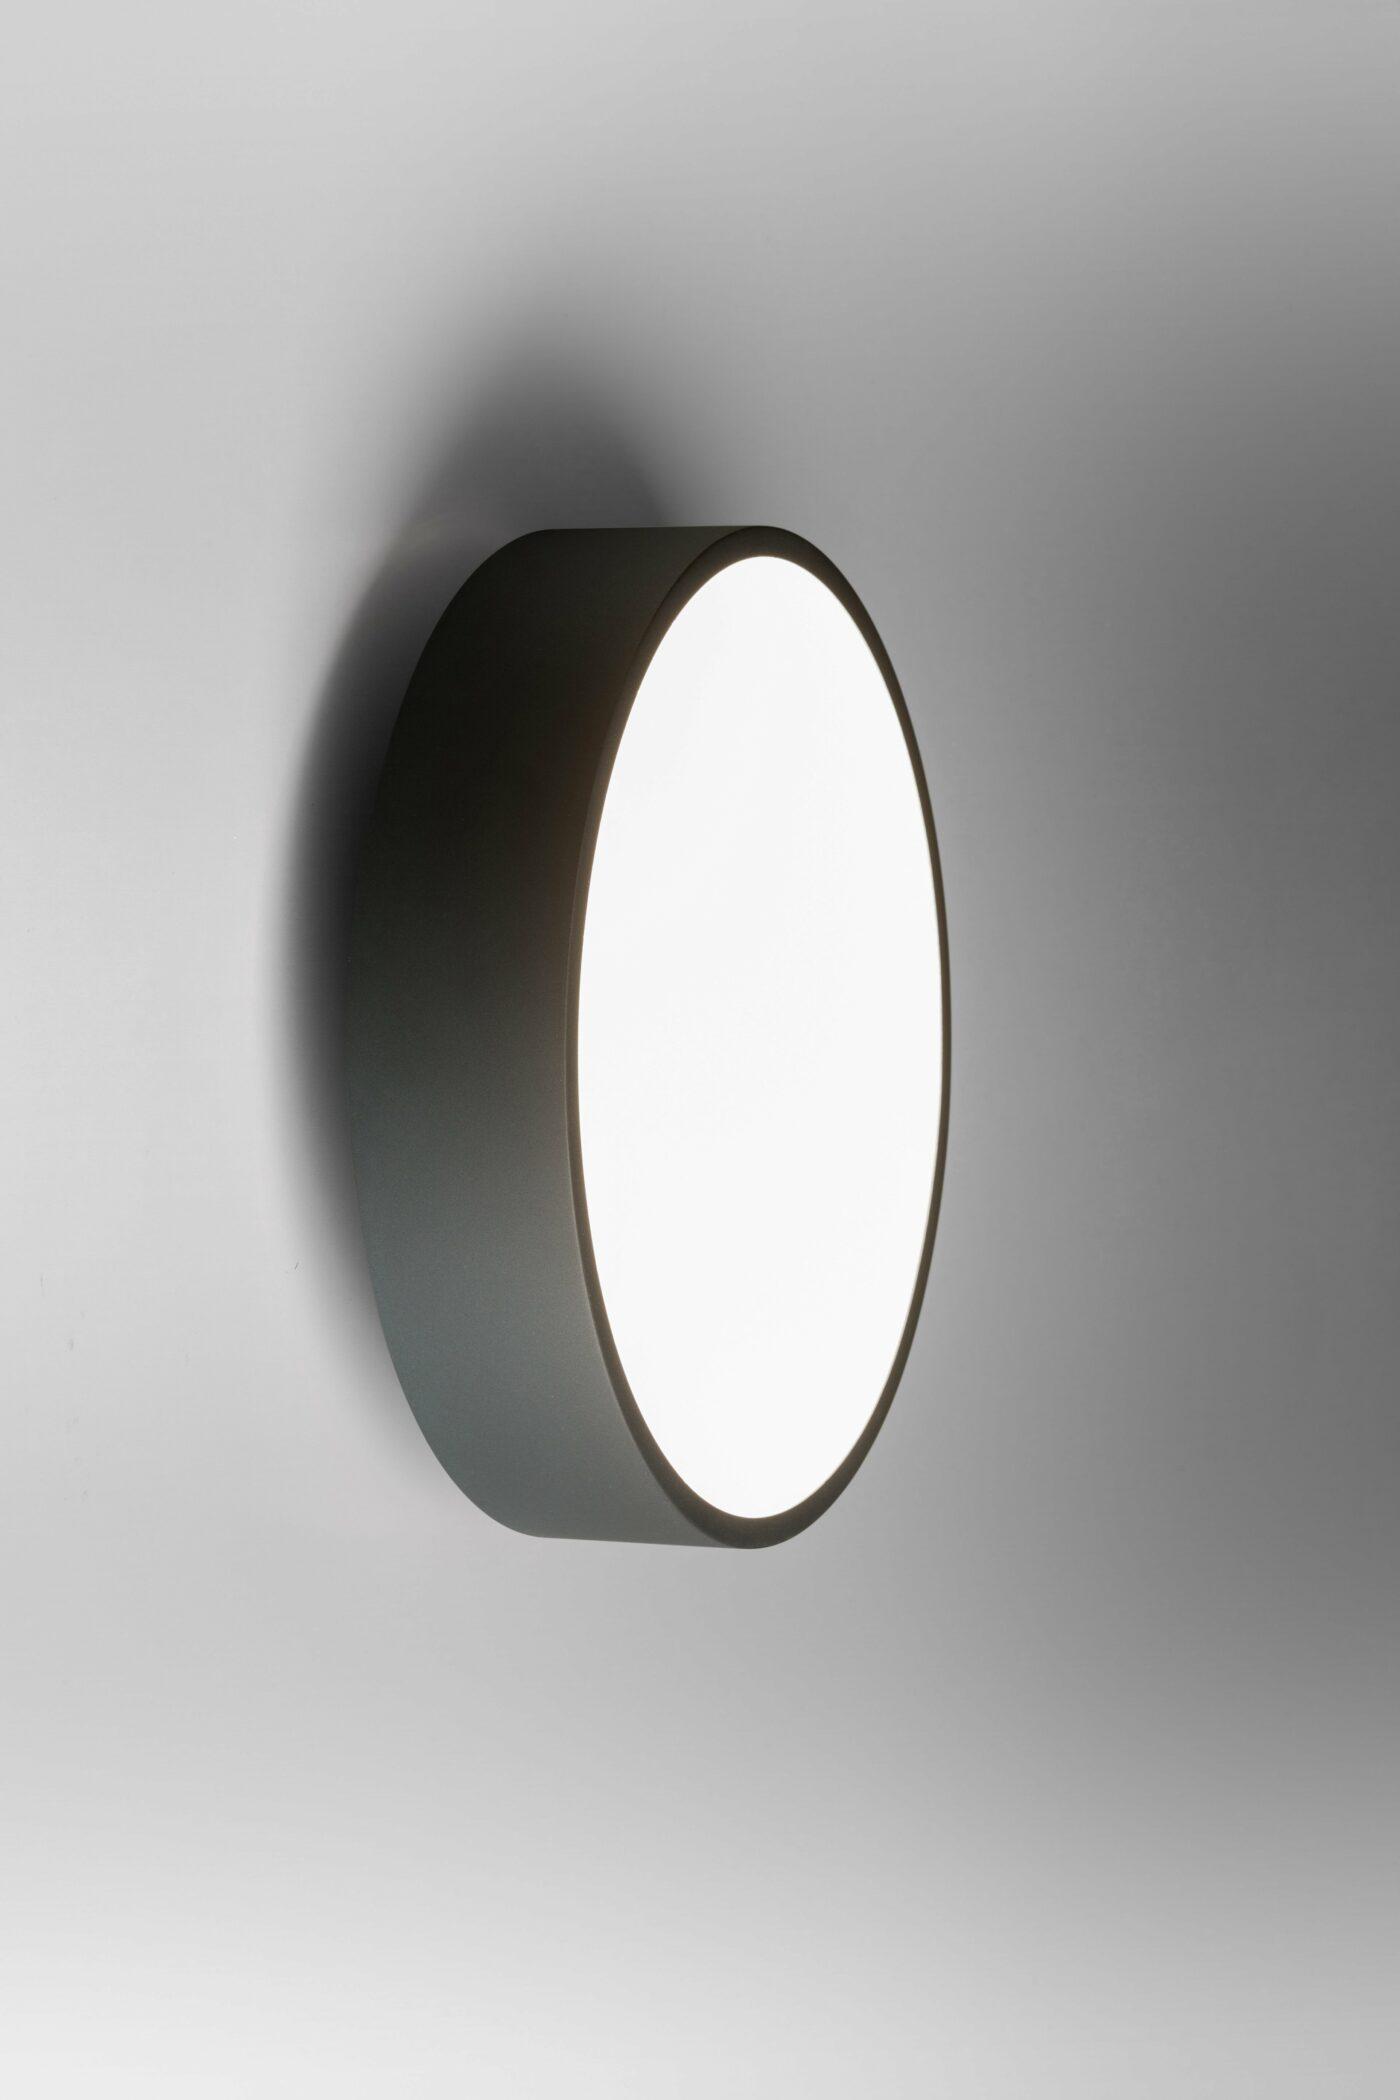 Lupia Licht Wand- und Deckenleuchte Cara Schwarz M